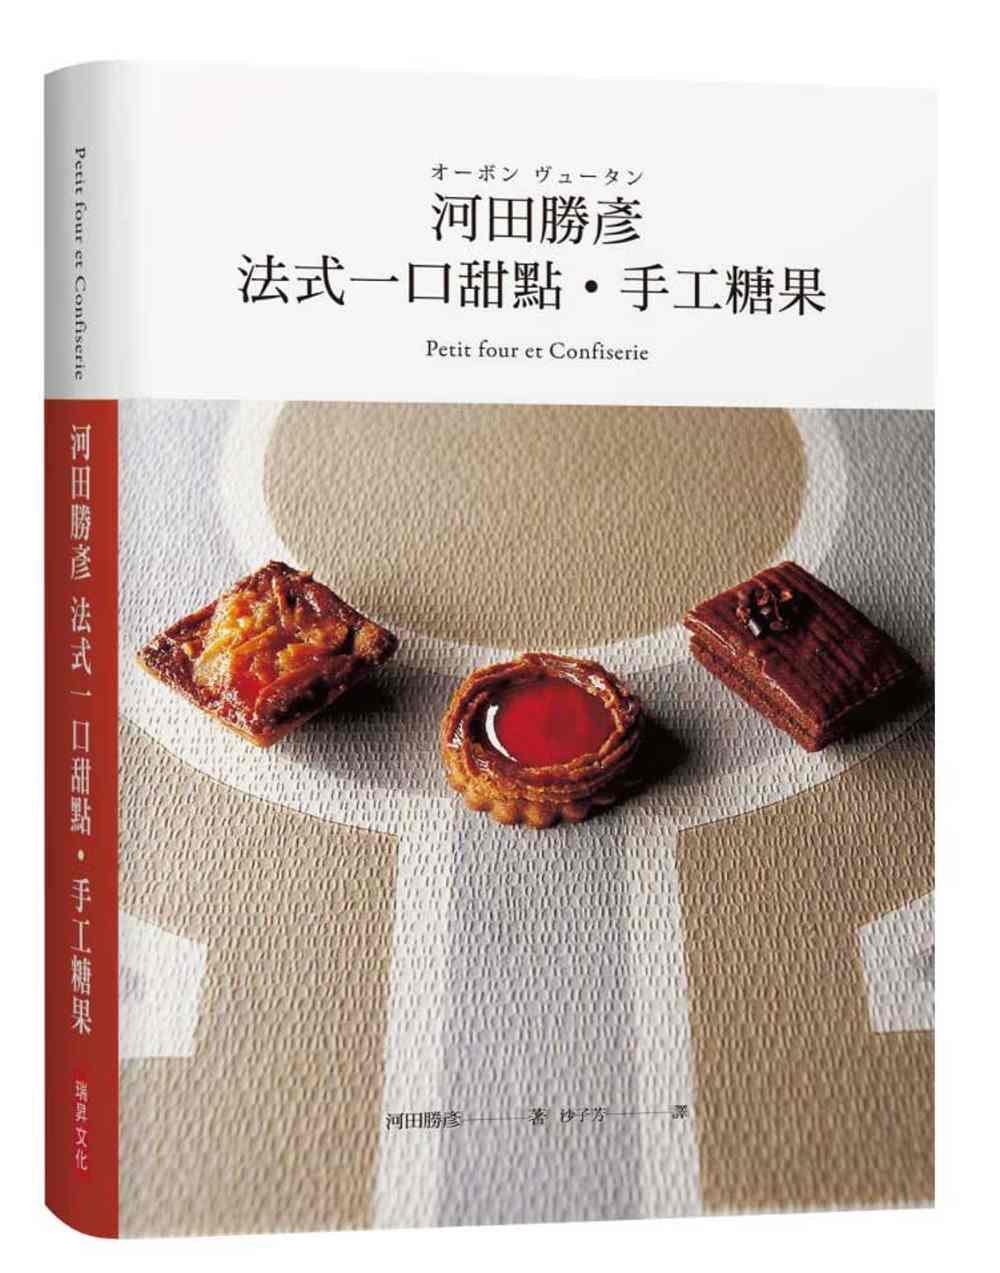 ◤博客來BOOKS◢ 暢銷書榜《推薦》河田勝彥 法式一口甜點‧手工糖果:職人的堅持、個人風格的融入,歷久彌新的經典重現!(精裝珍藏版)